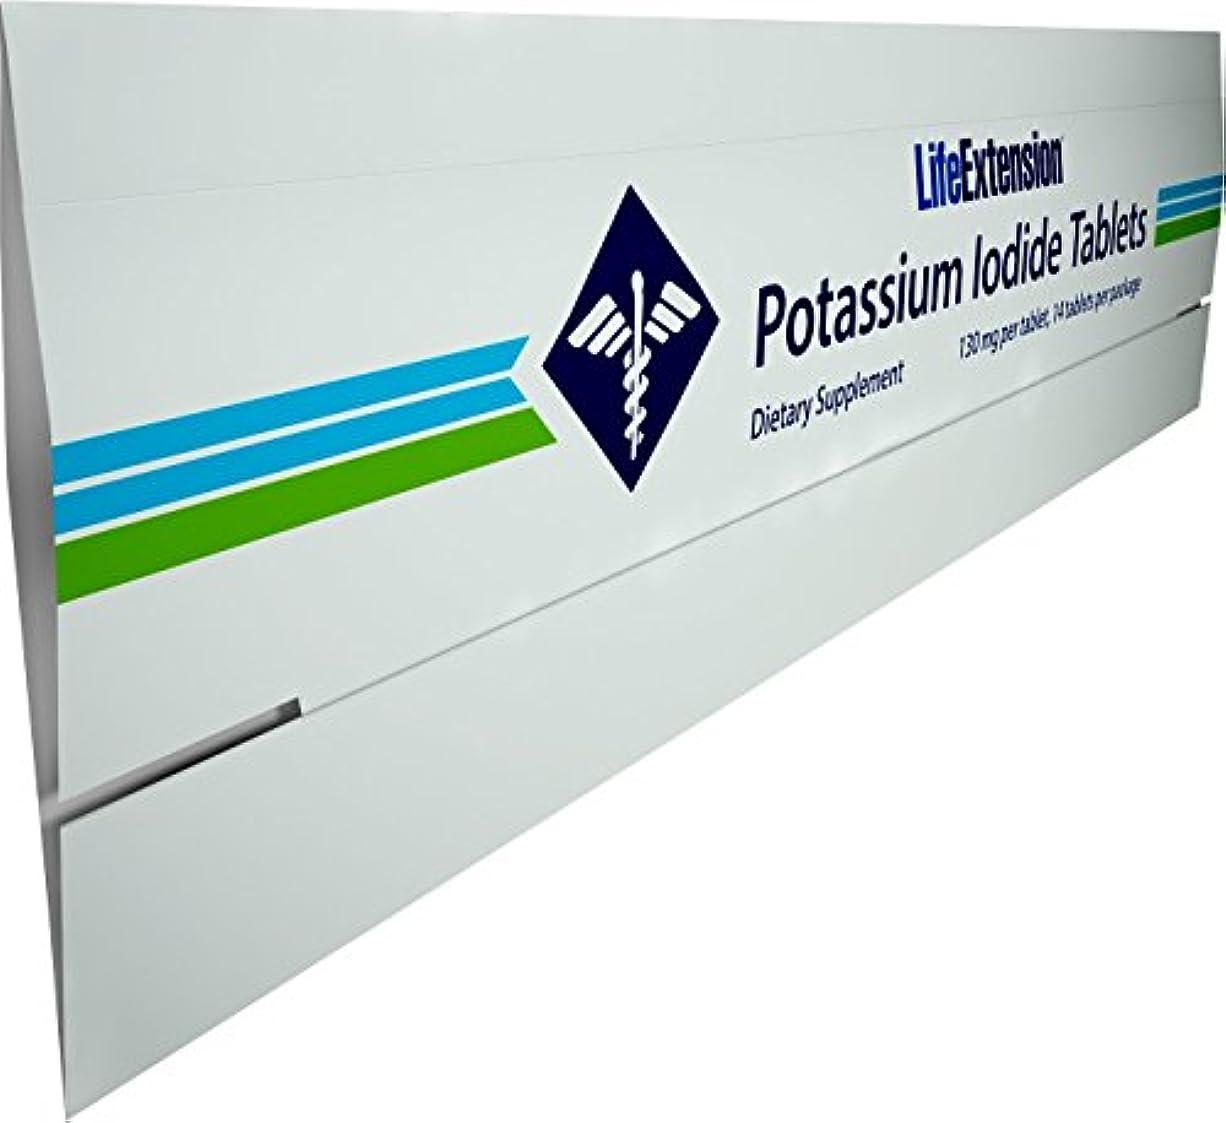 構築する土砂降り歩く【短期間用:ヨウ化カリウム】 Life Extension - Potassium Iodide Tablets 130 mg - 14錠  ~海外直送品~